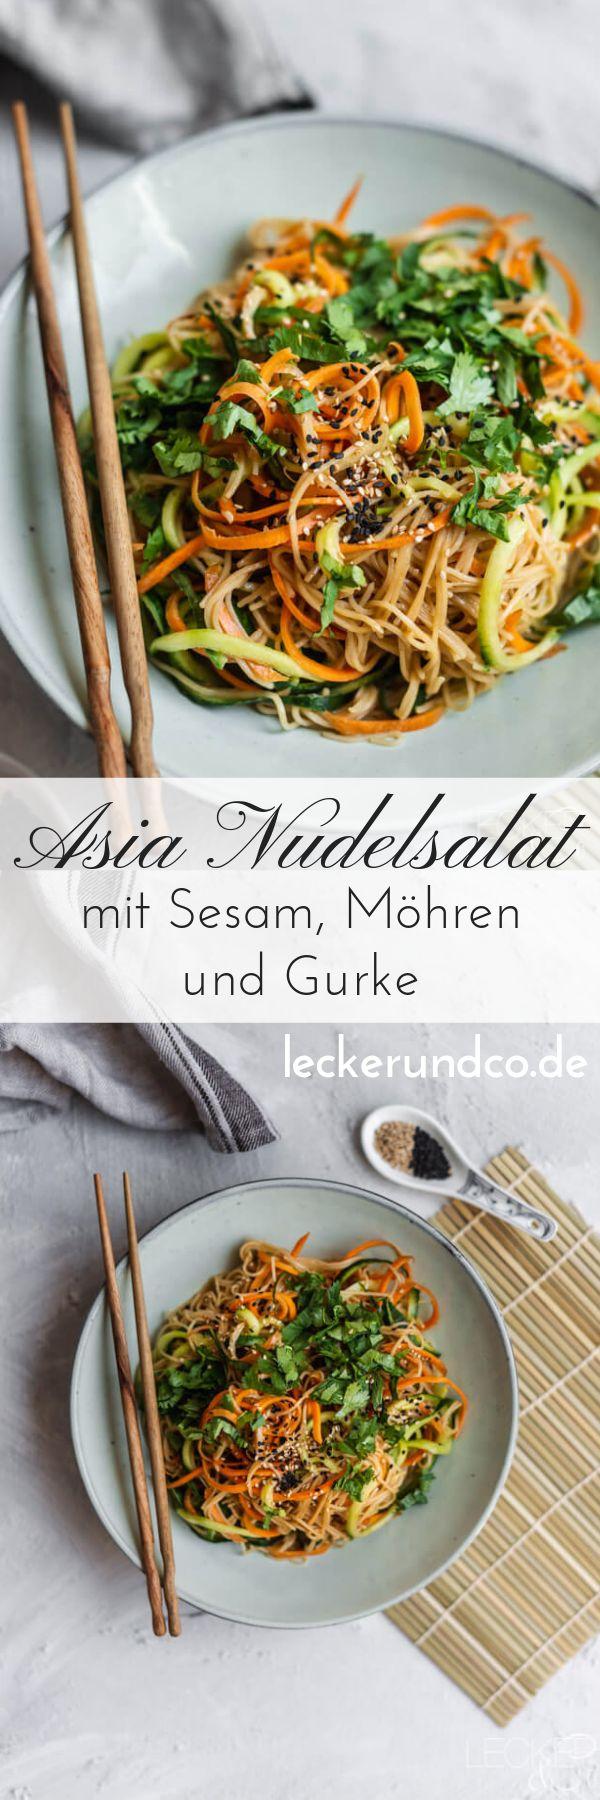 Asia Nudelsalat mit Sesam, Karotte und Gurke